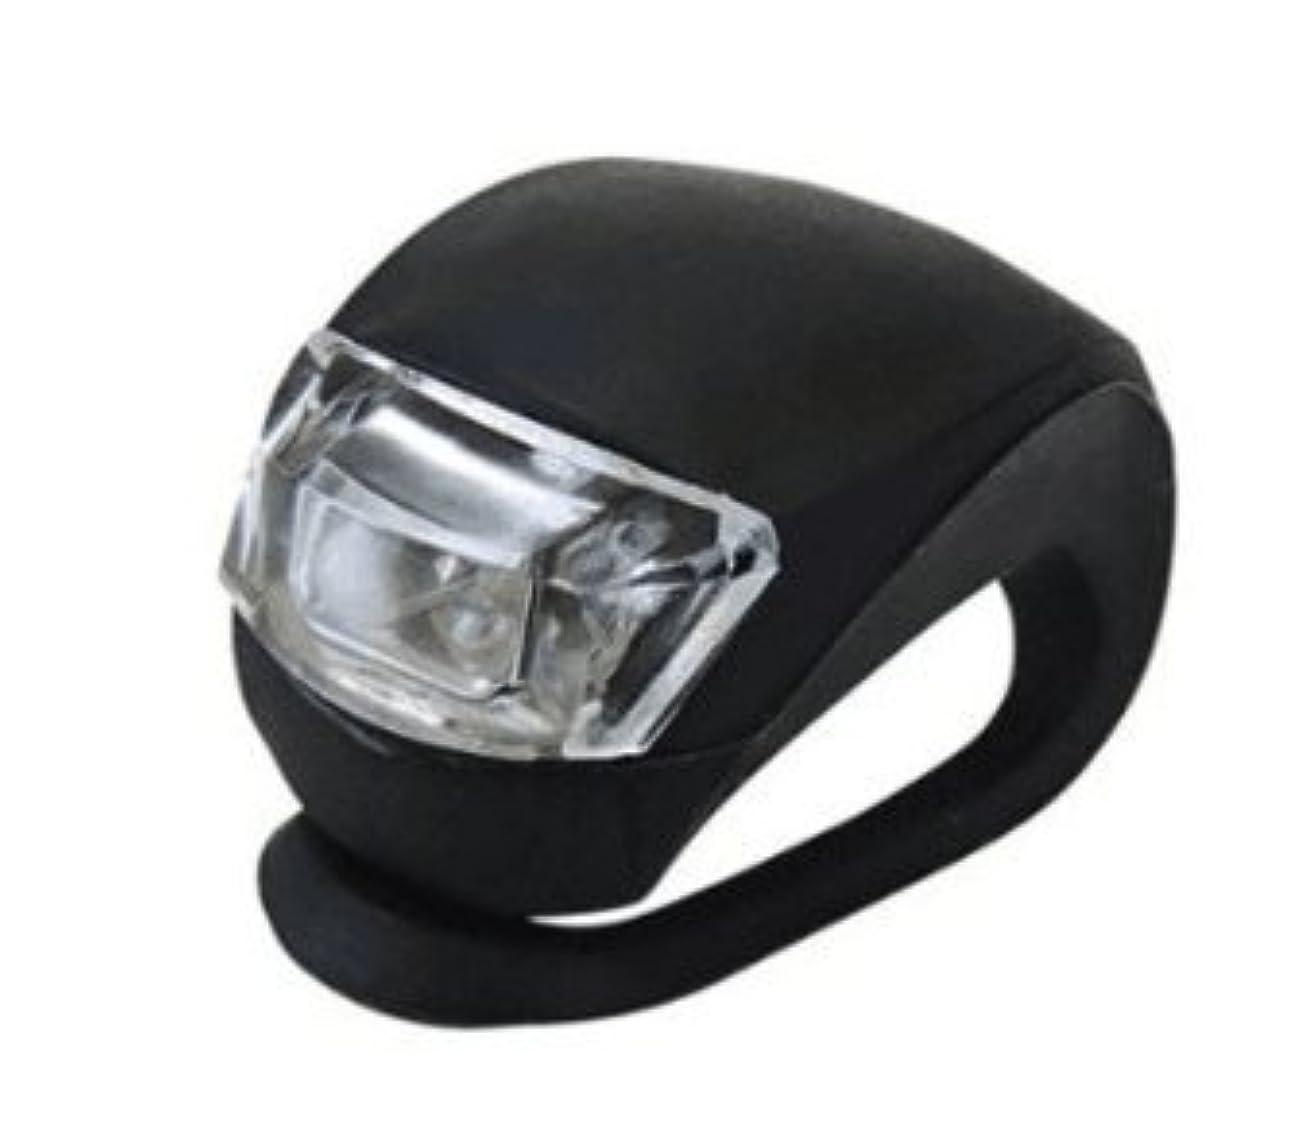 先史時代の厄介な宿る高輝度LED2灯 シリコン 自転車簡易装着 フロントライト